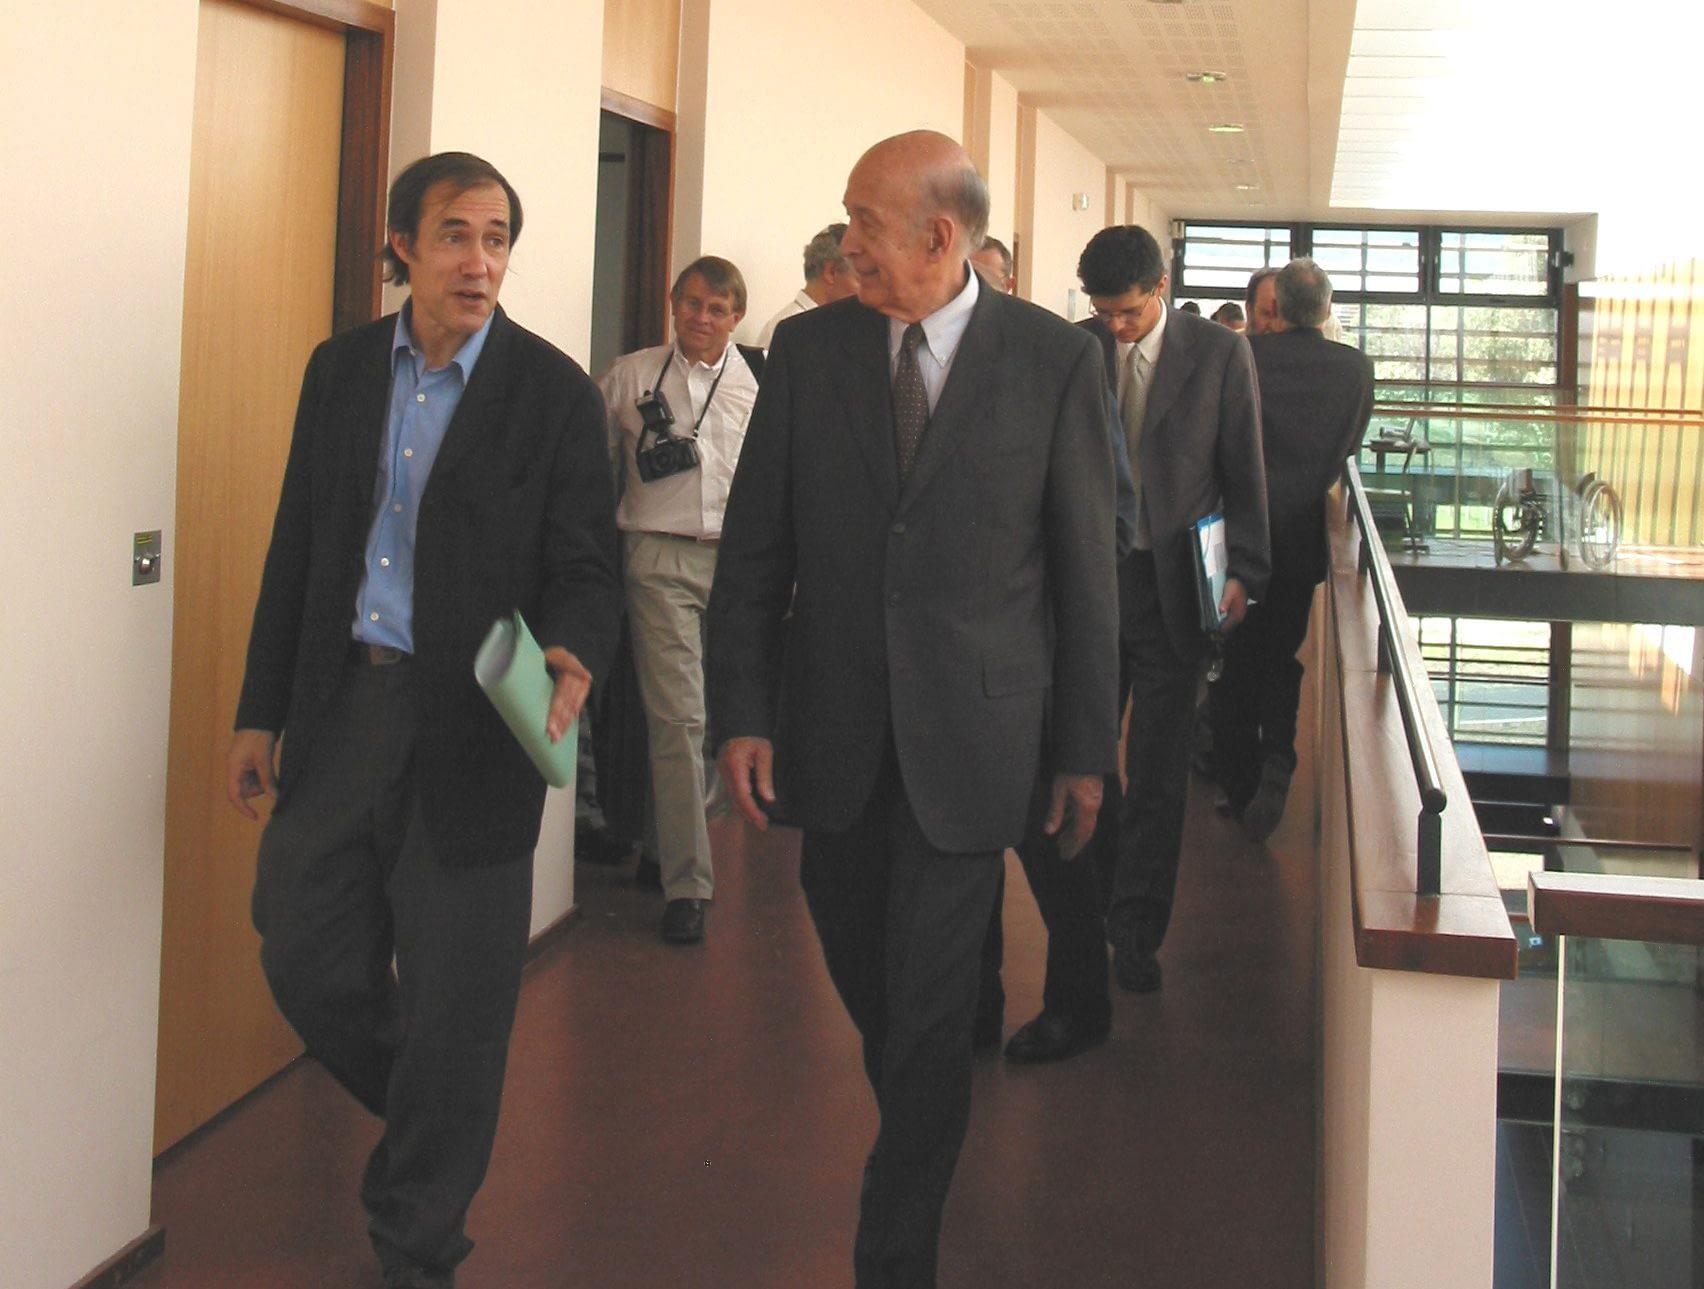 Alain Quilliot et Valérie Giscard d'Estaing lors de l'inauguration de l'ISIMA